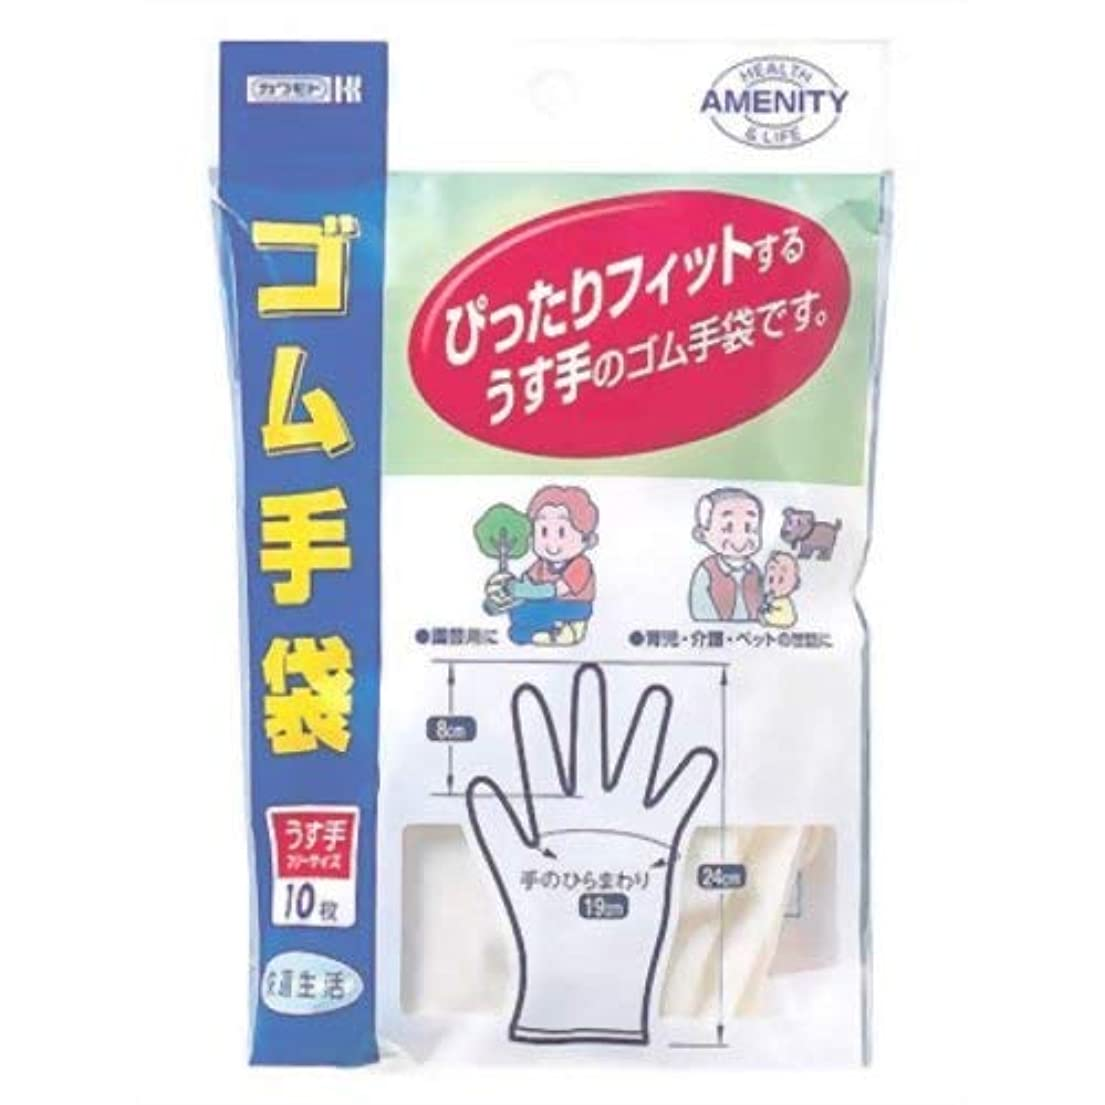 チーズナサニエル区戦略カワモト ゴム手袋 10枚 ×6個